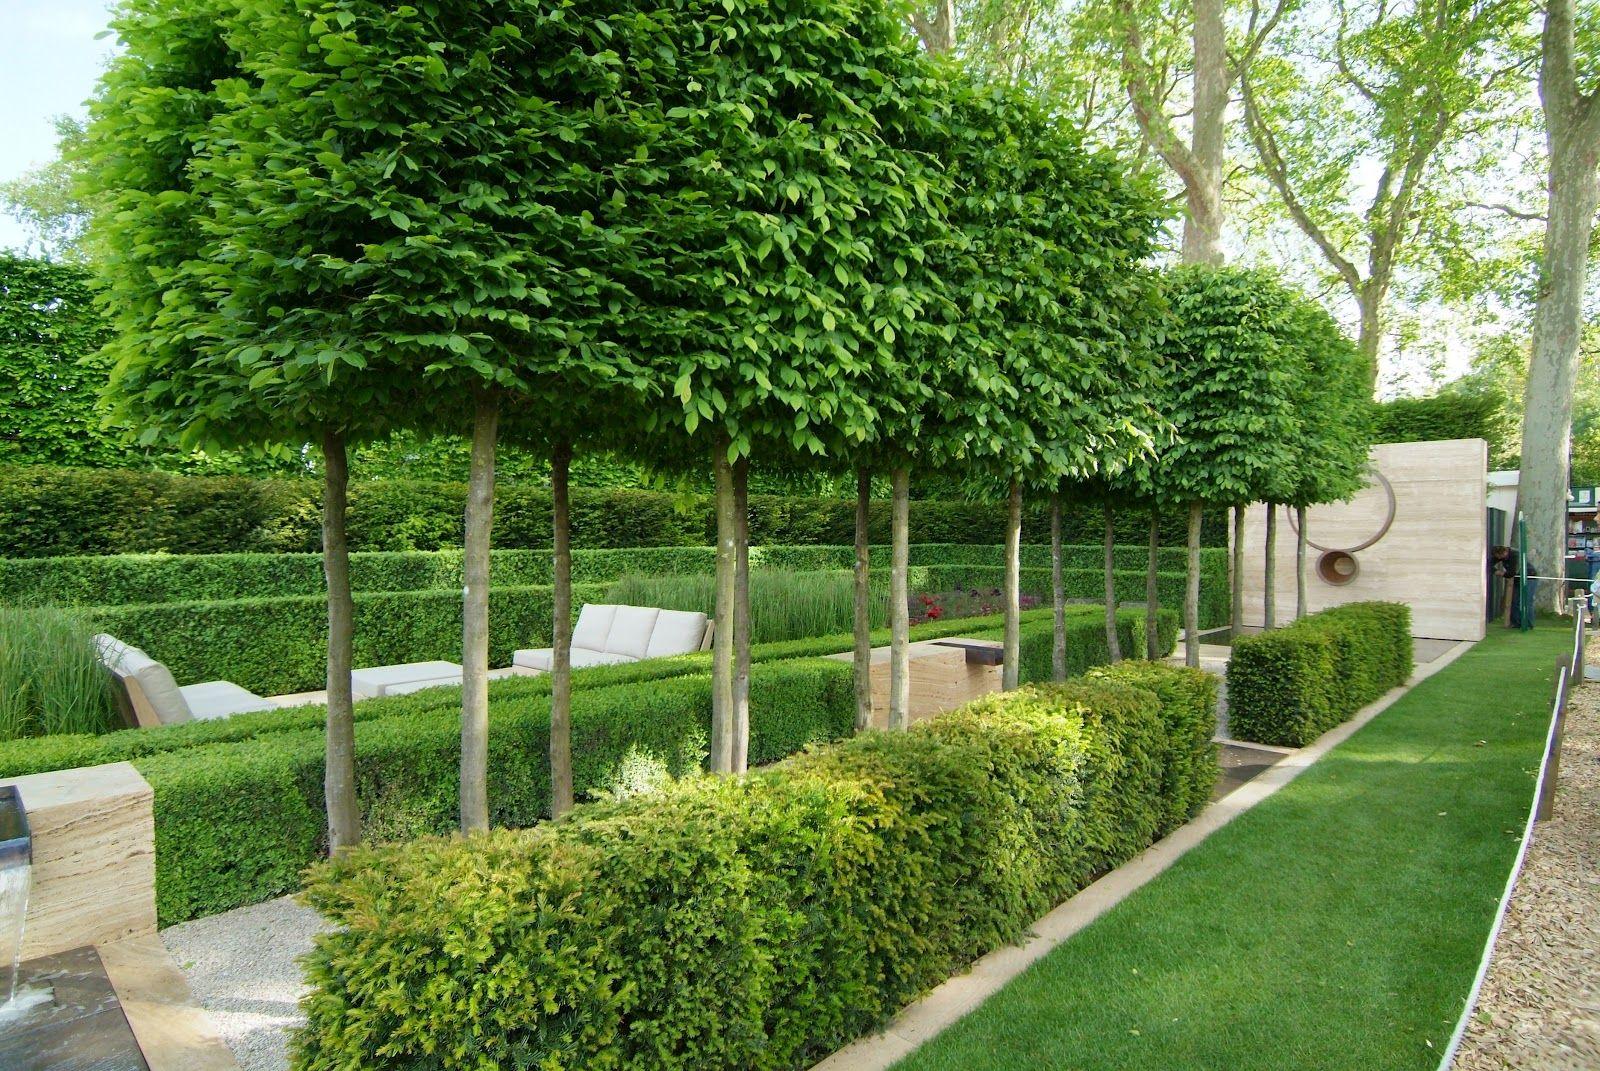 Garden trees for screening  Deze moderne tuin is ontworpen met strakke kaders en statige hagen